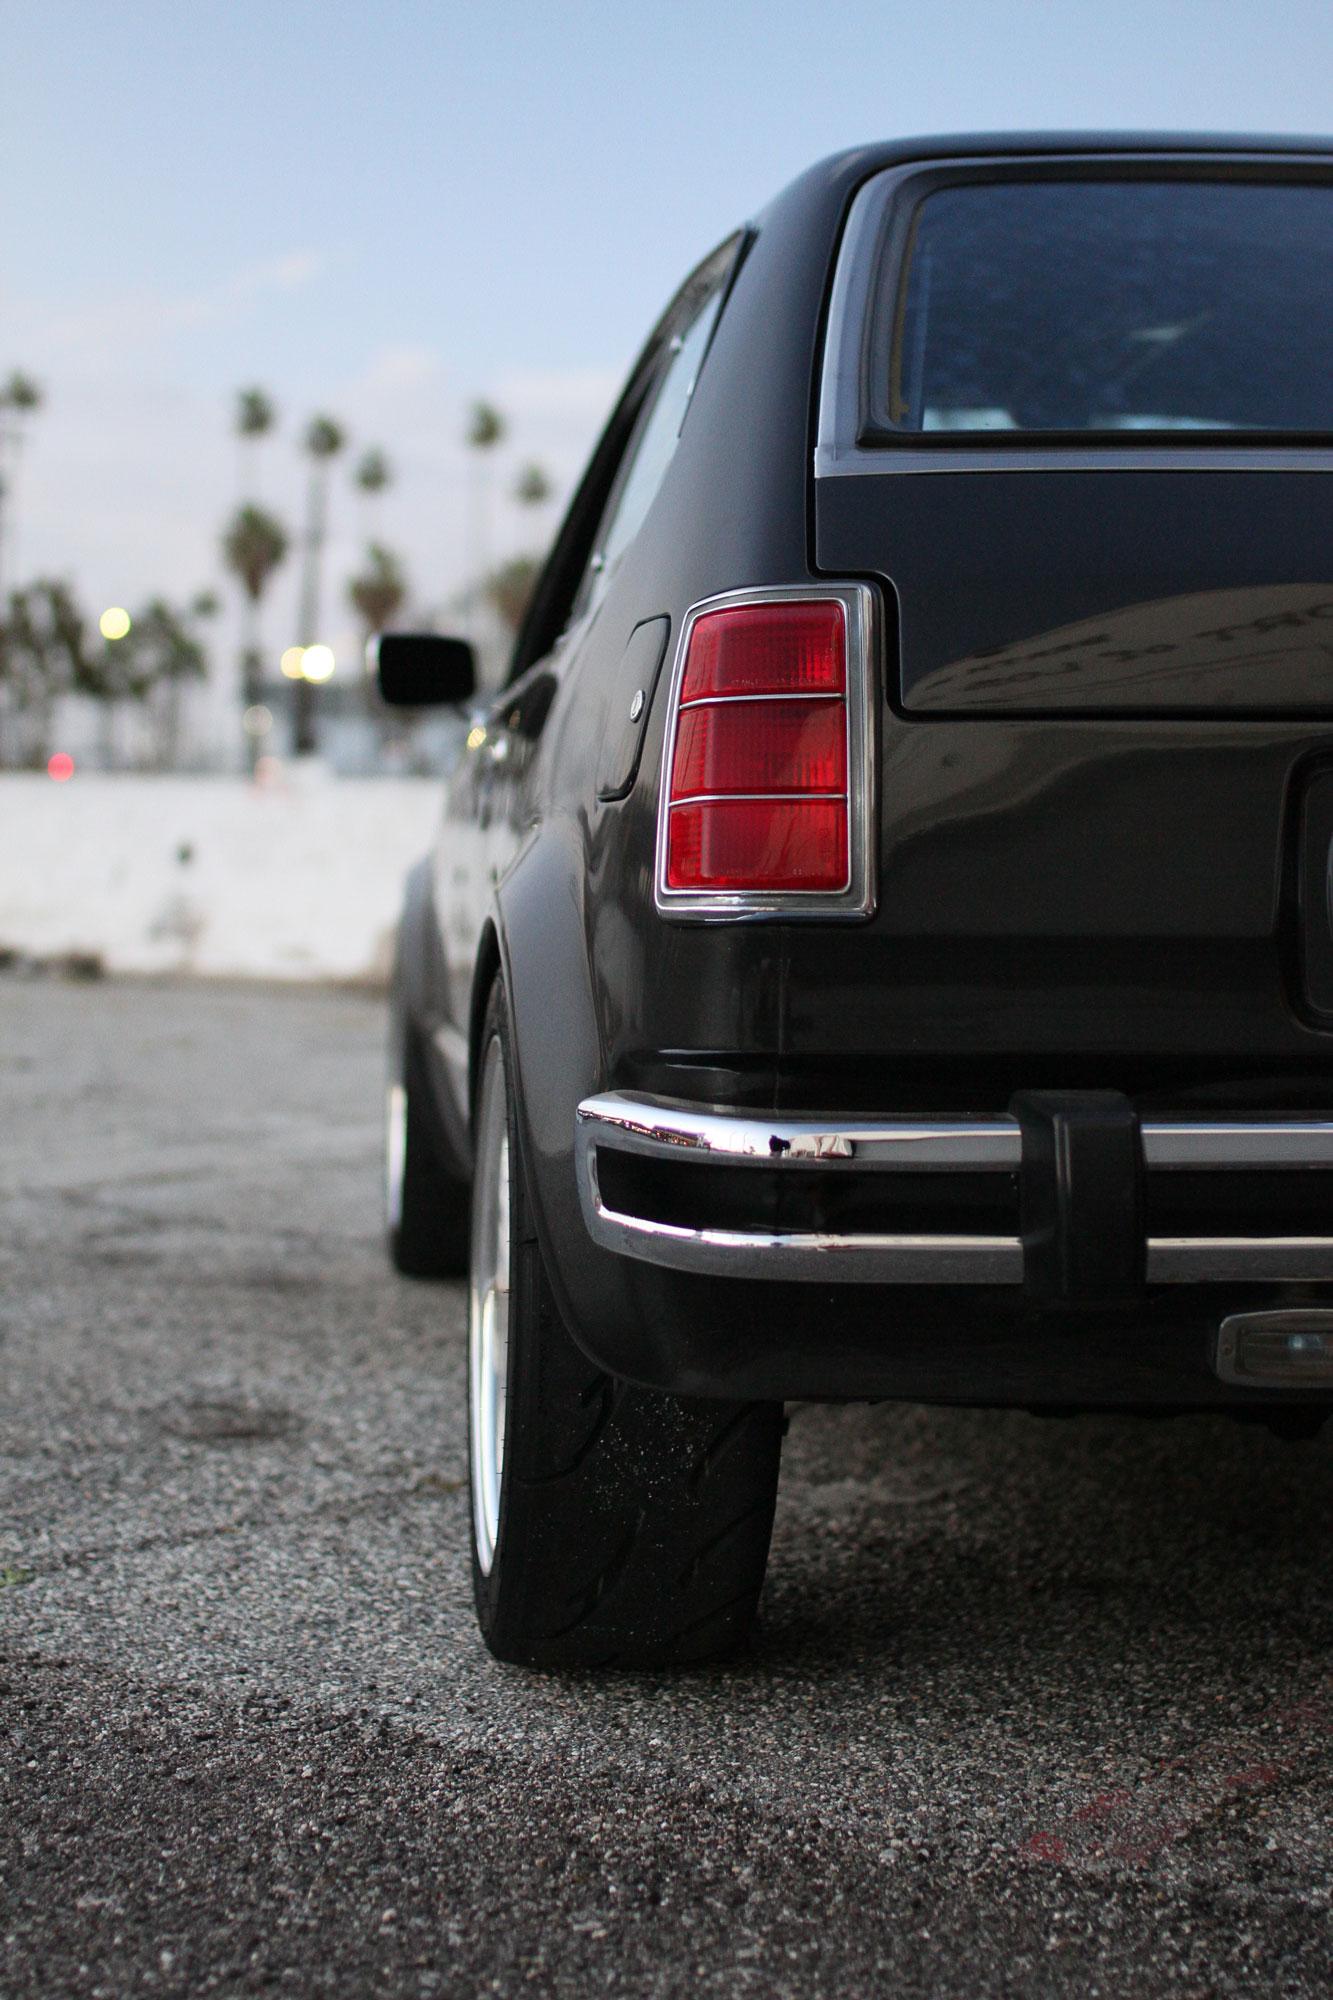 Honda Civic Cvcc bakifrån på vänster sida.